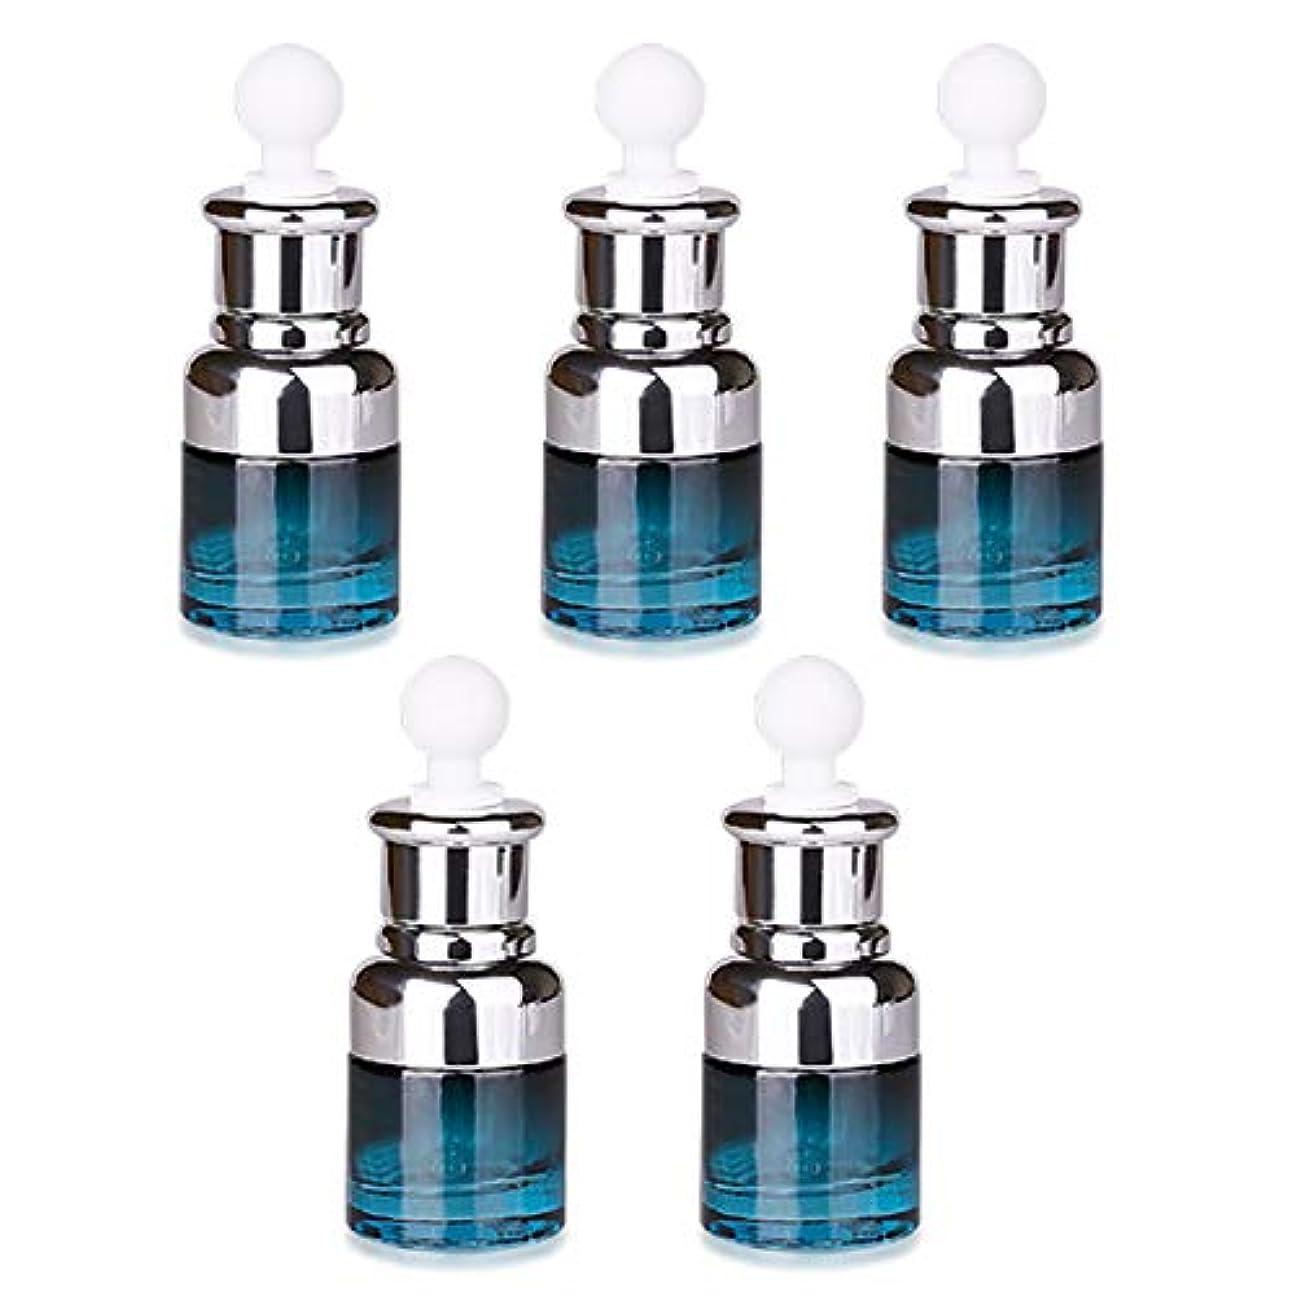 あいさつワーディアンケース励起フェリモア スポイト付遮光瓶 ブルーボトル ガラス製 香水 化粧水 アロマオイル 小分け 20ml (5個セット)